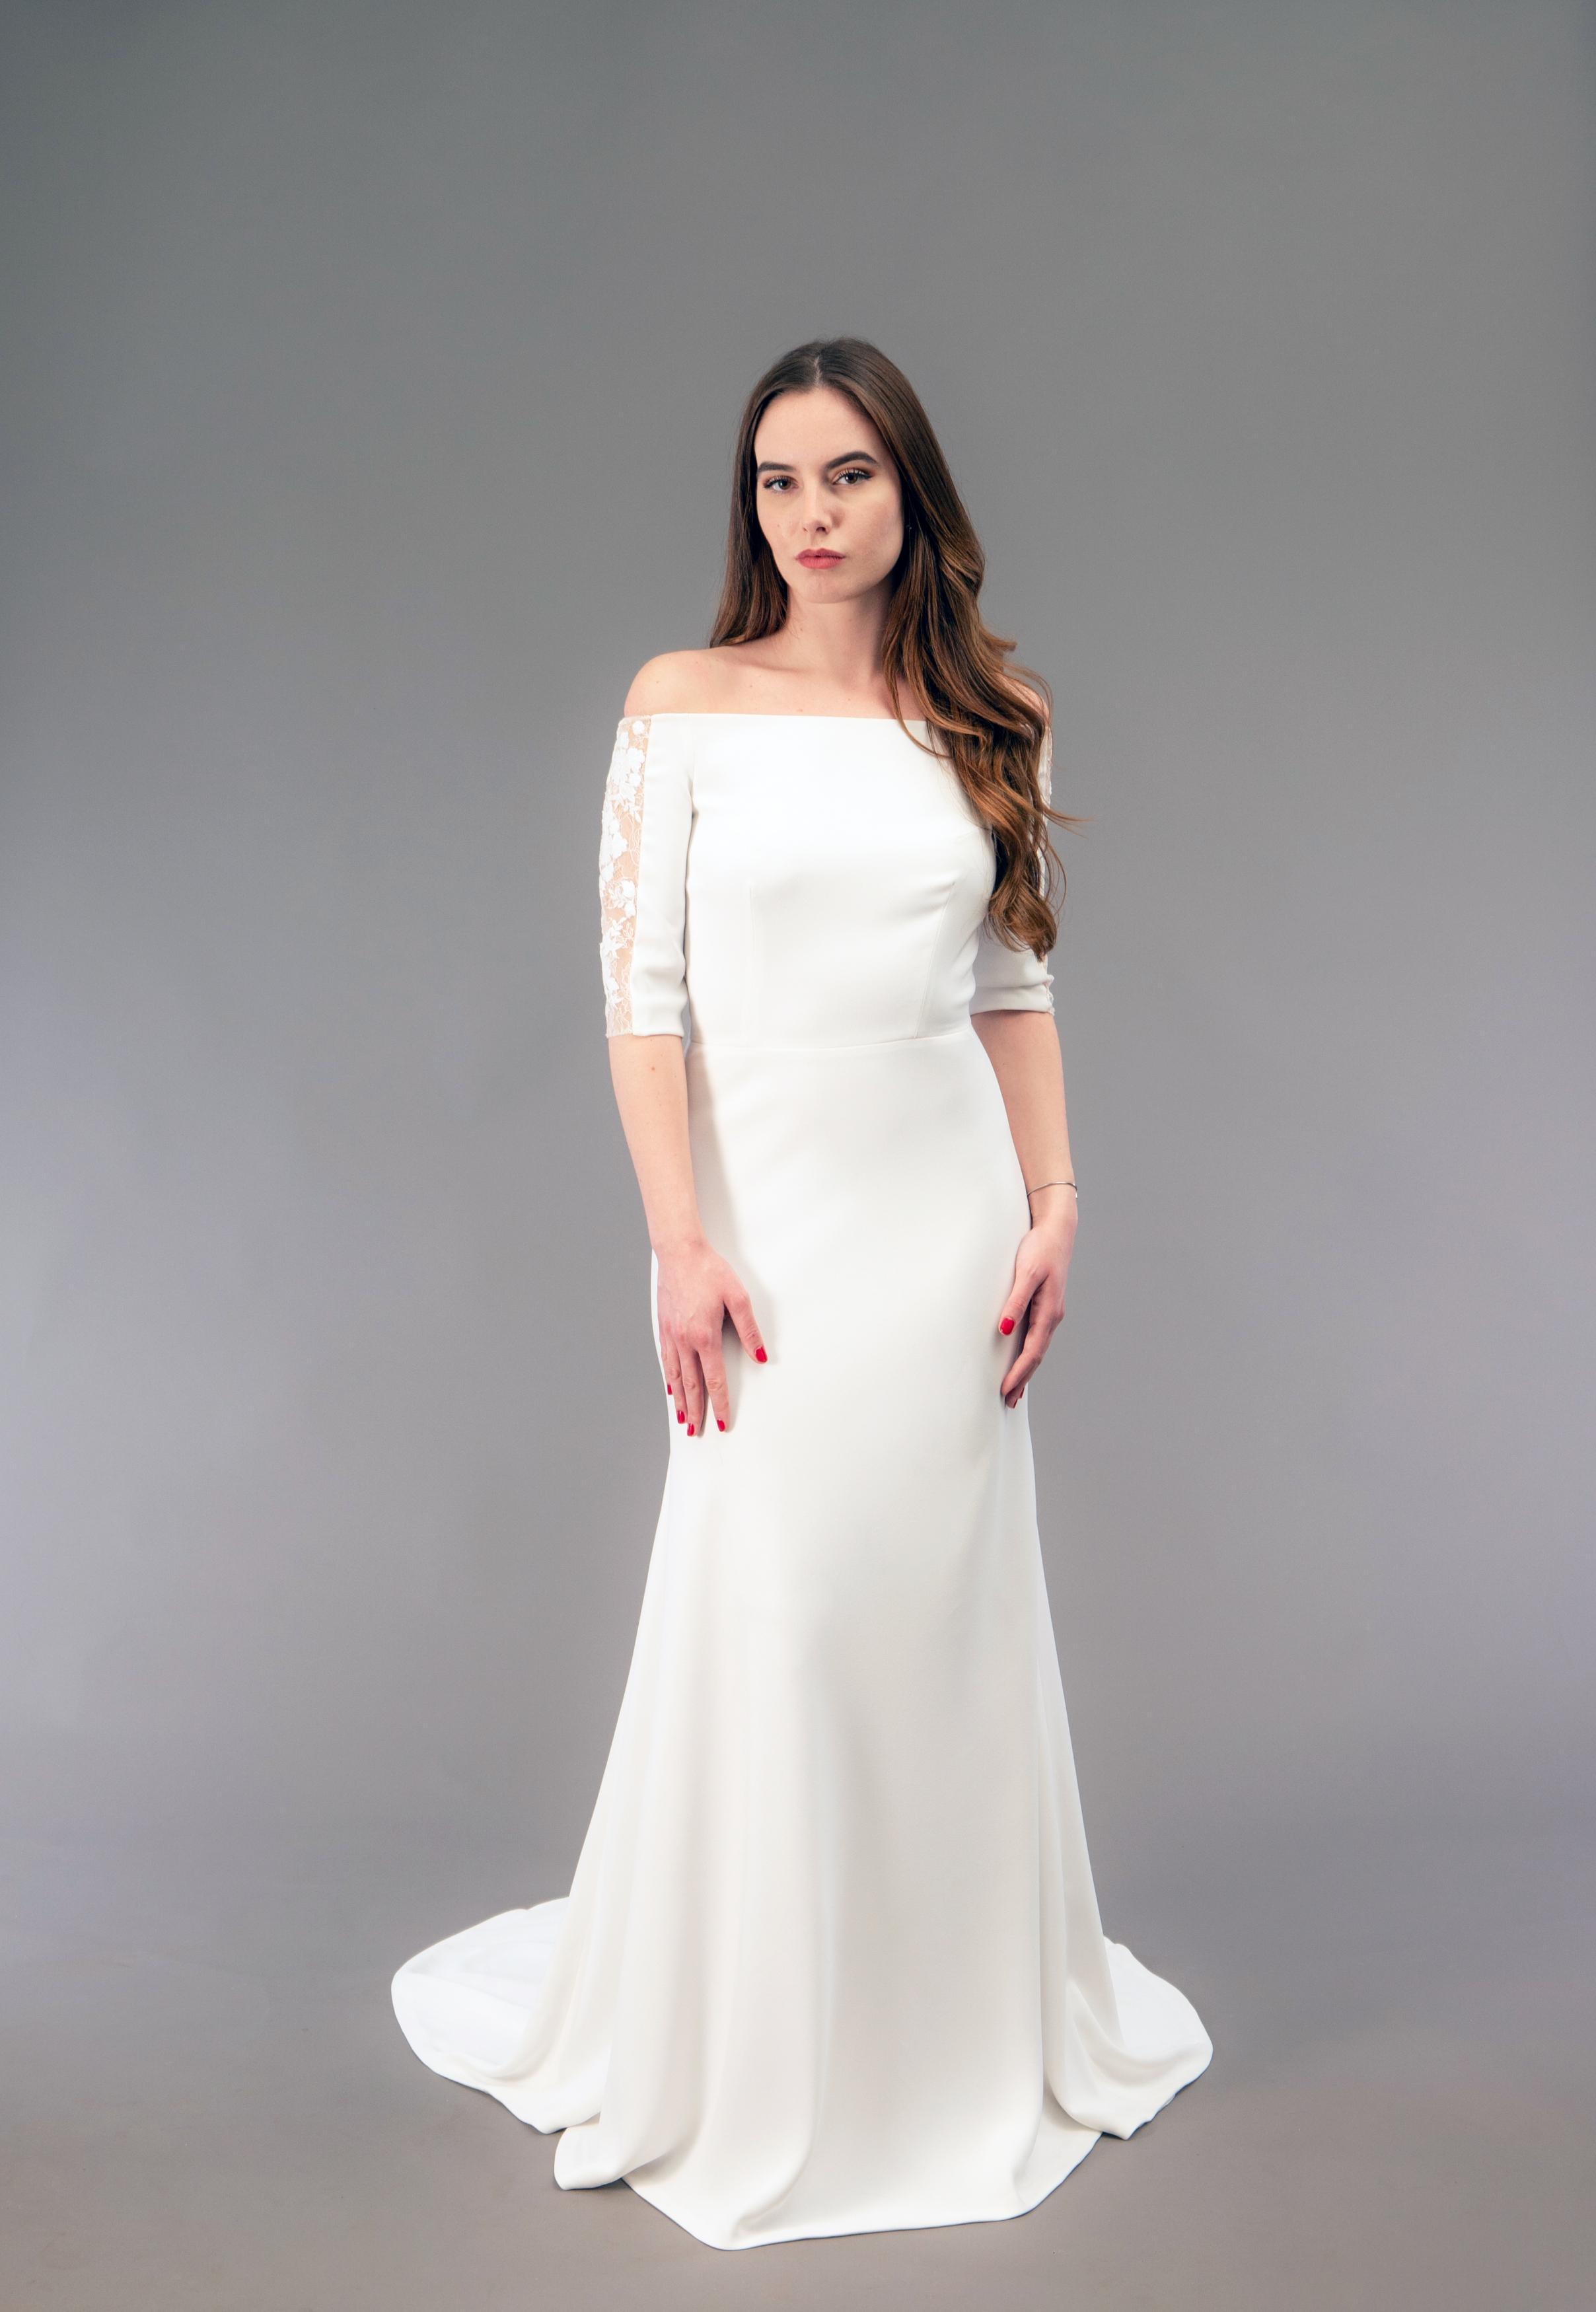 Robe de mariée à Marseille par Belle en soie Couture   robe Orchidée